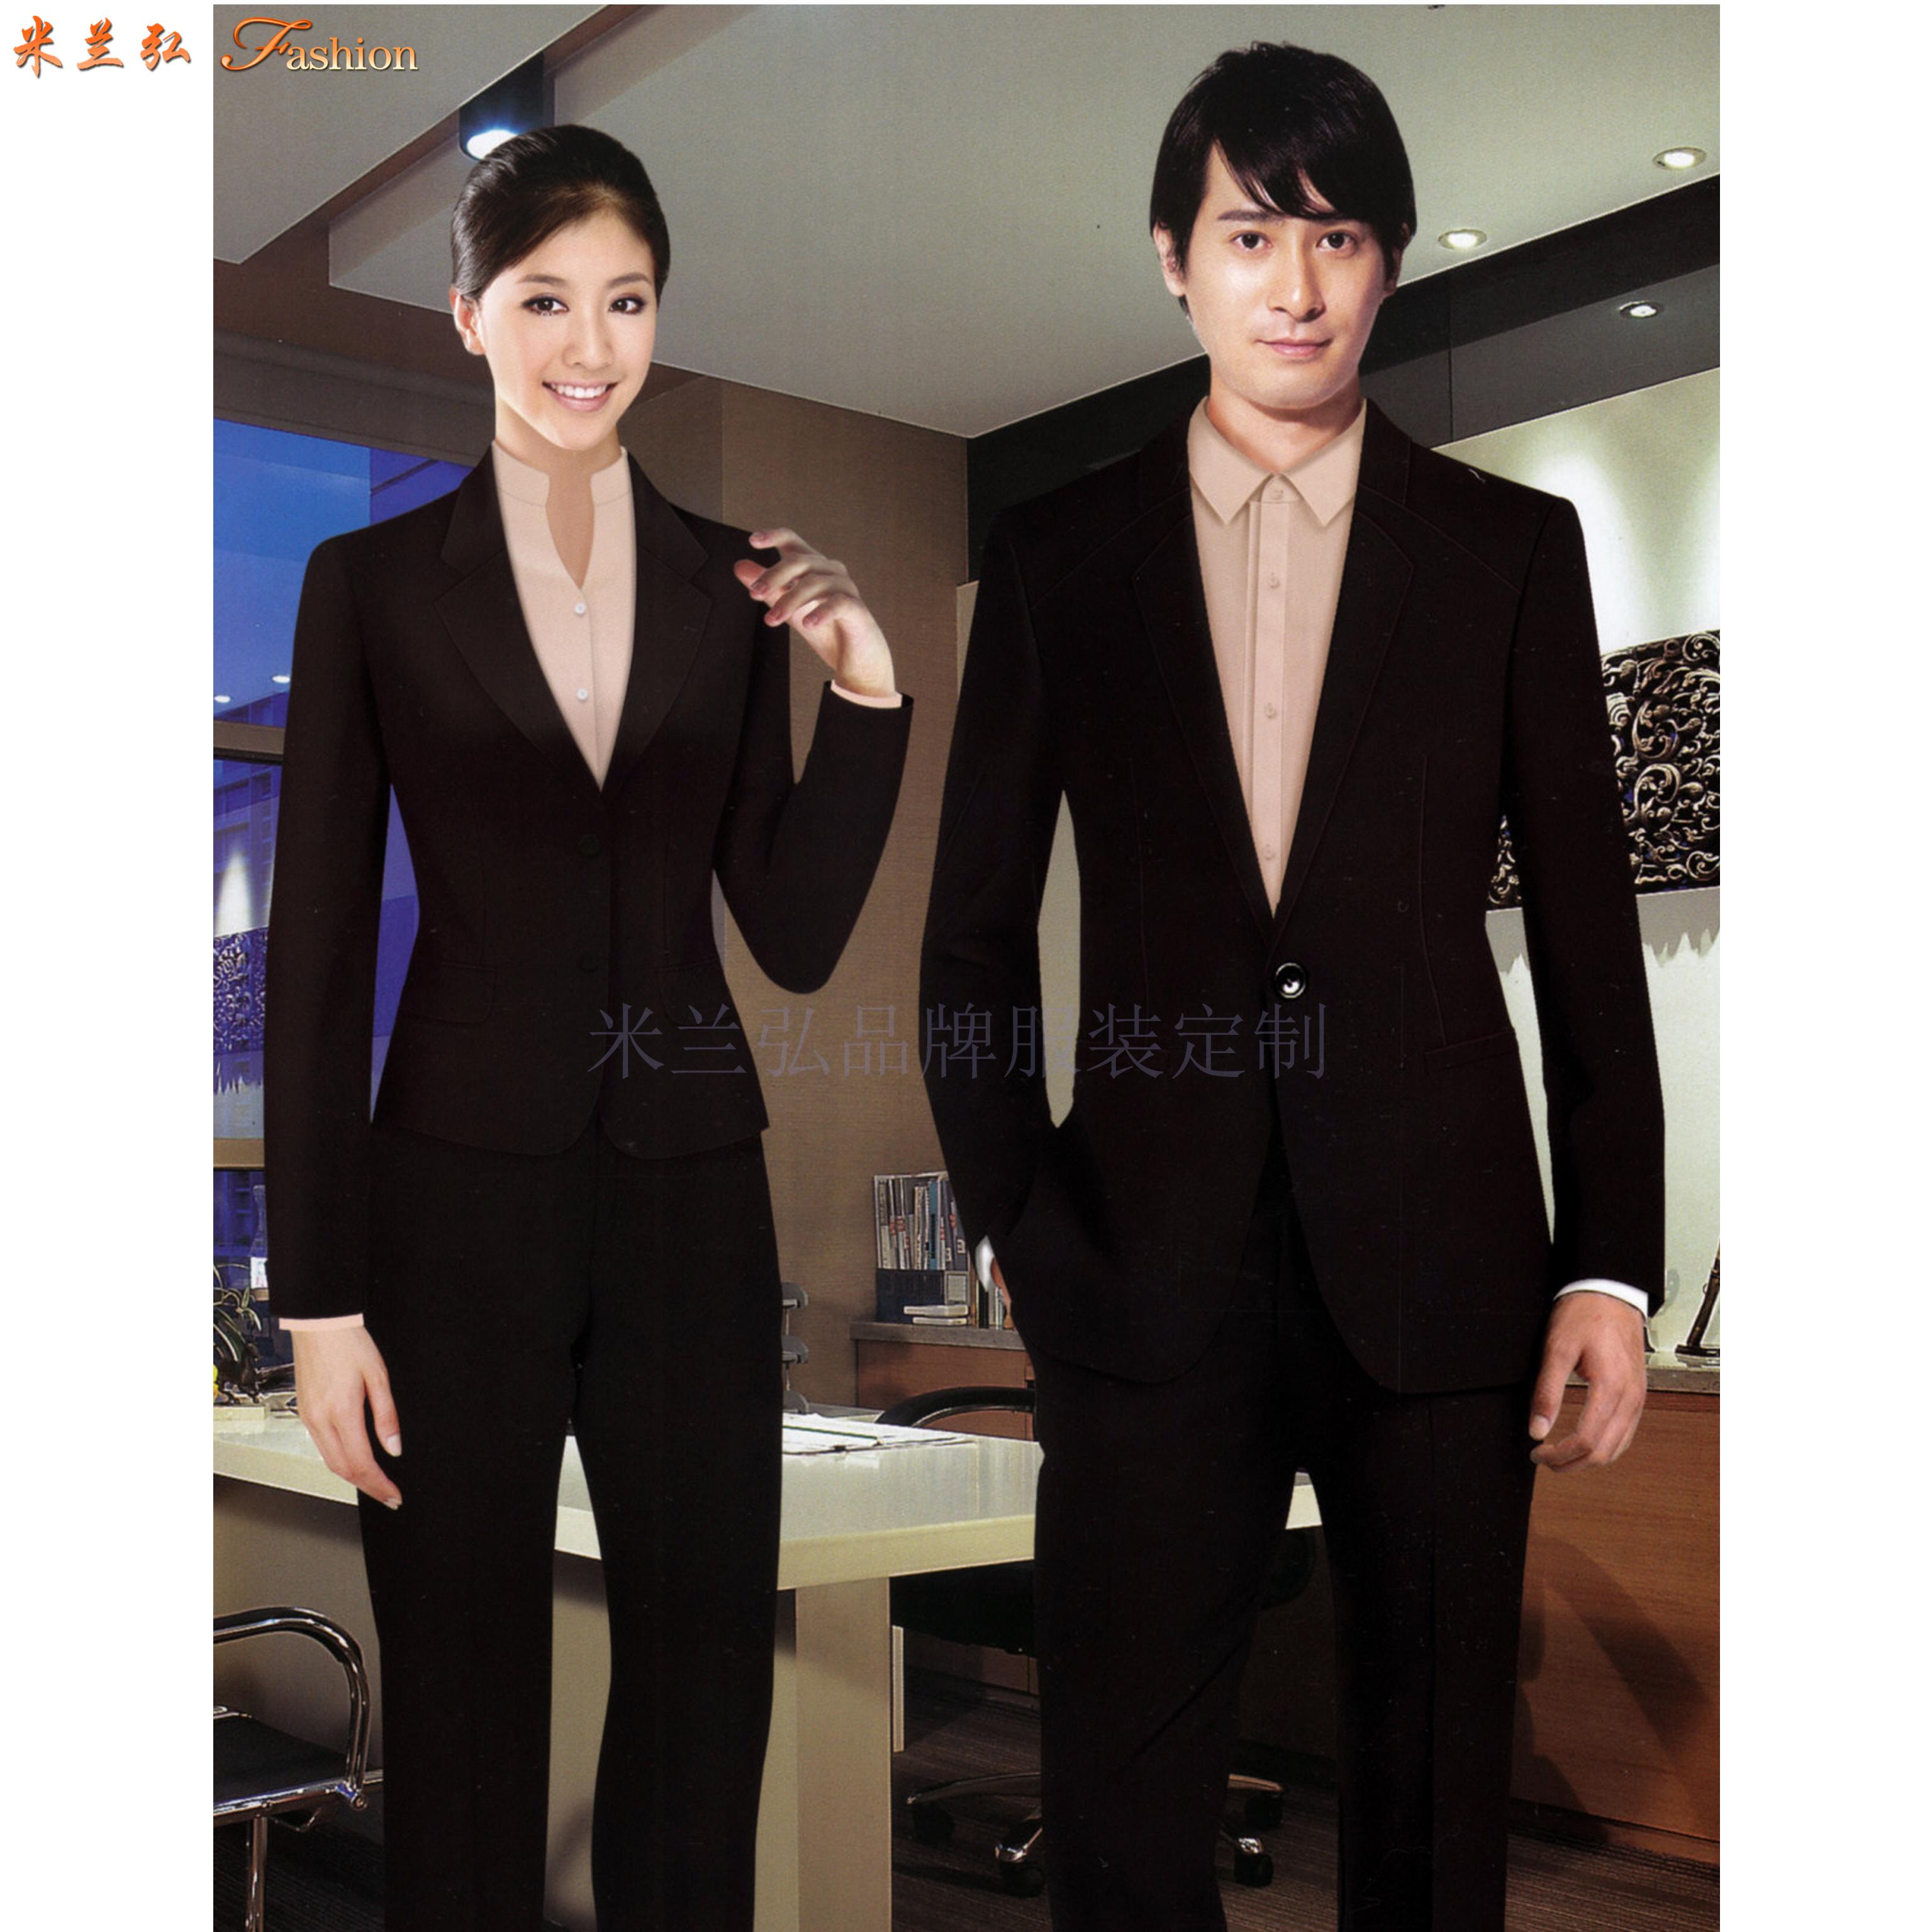 北京高端西服定制店|毛料商务西装量身定制品牌推荐-米兰弘西服-3